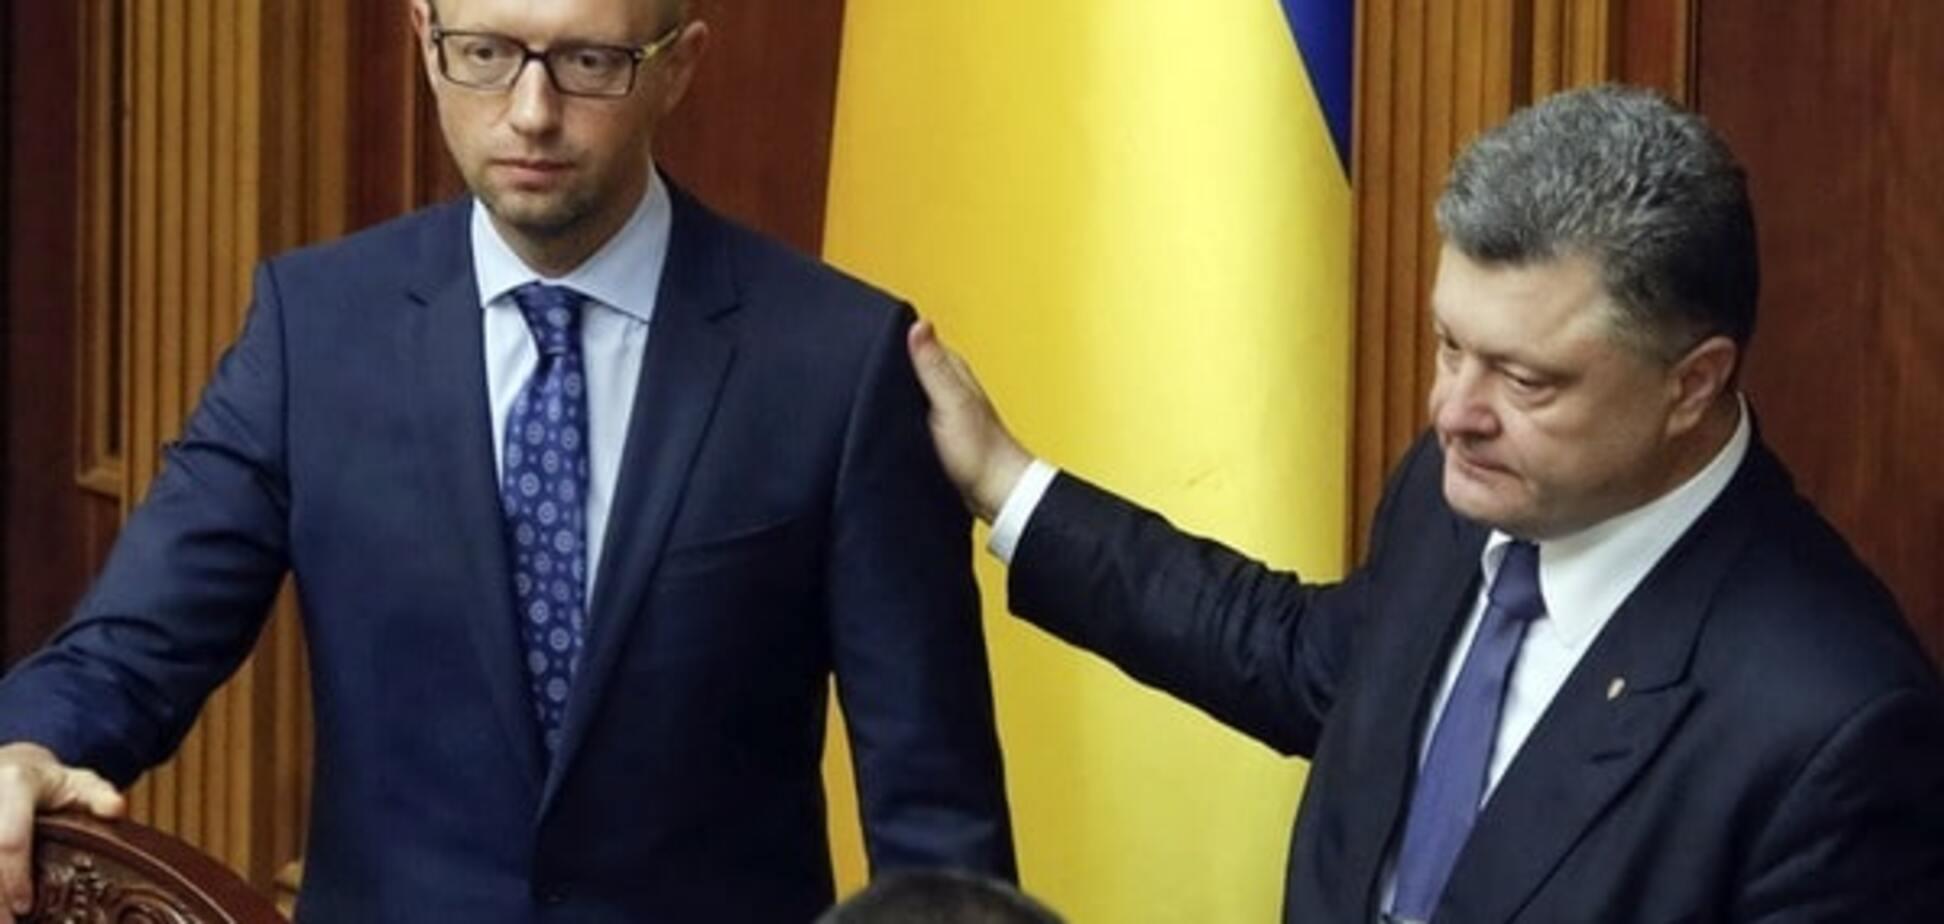 Оновити Раду: експерт розповів, як потрібно міняти Яценюка